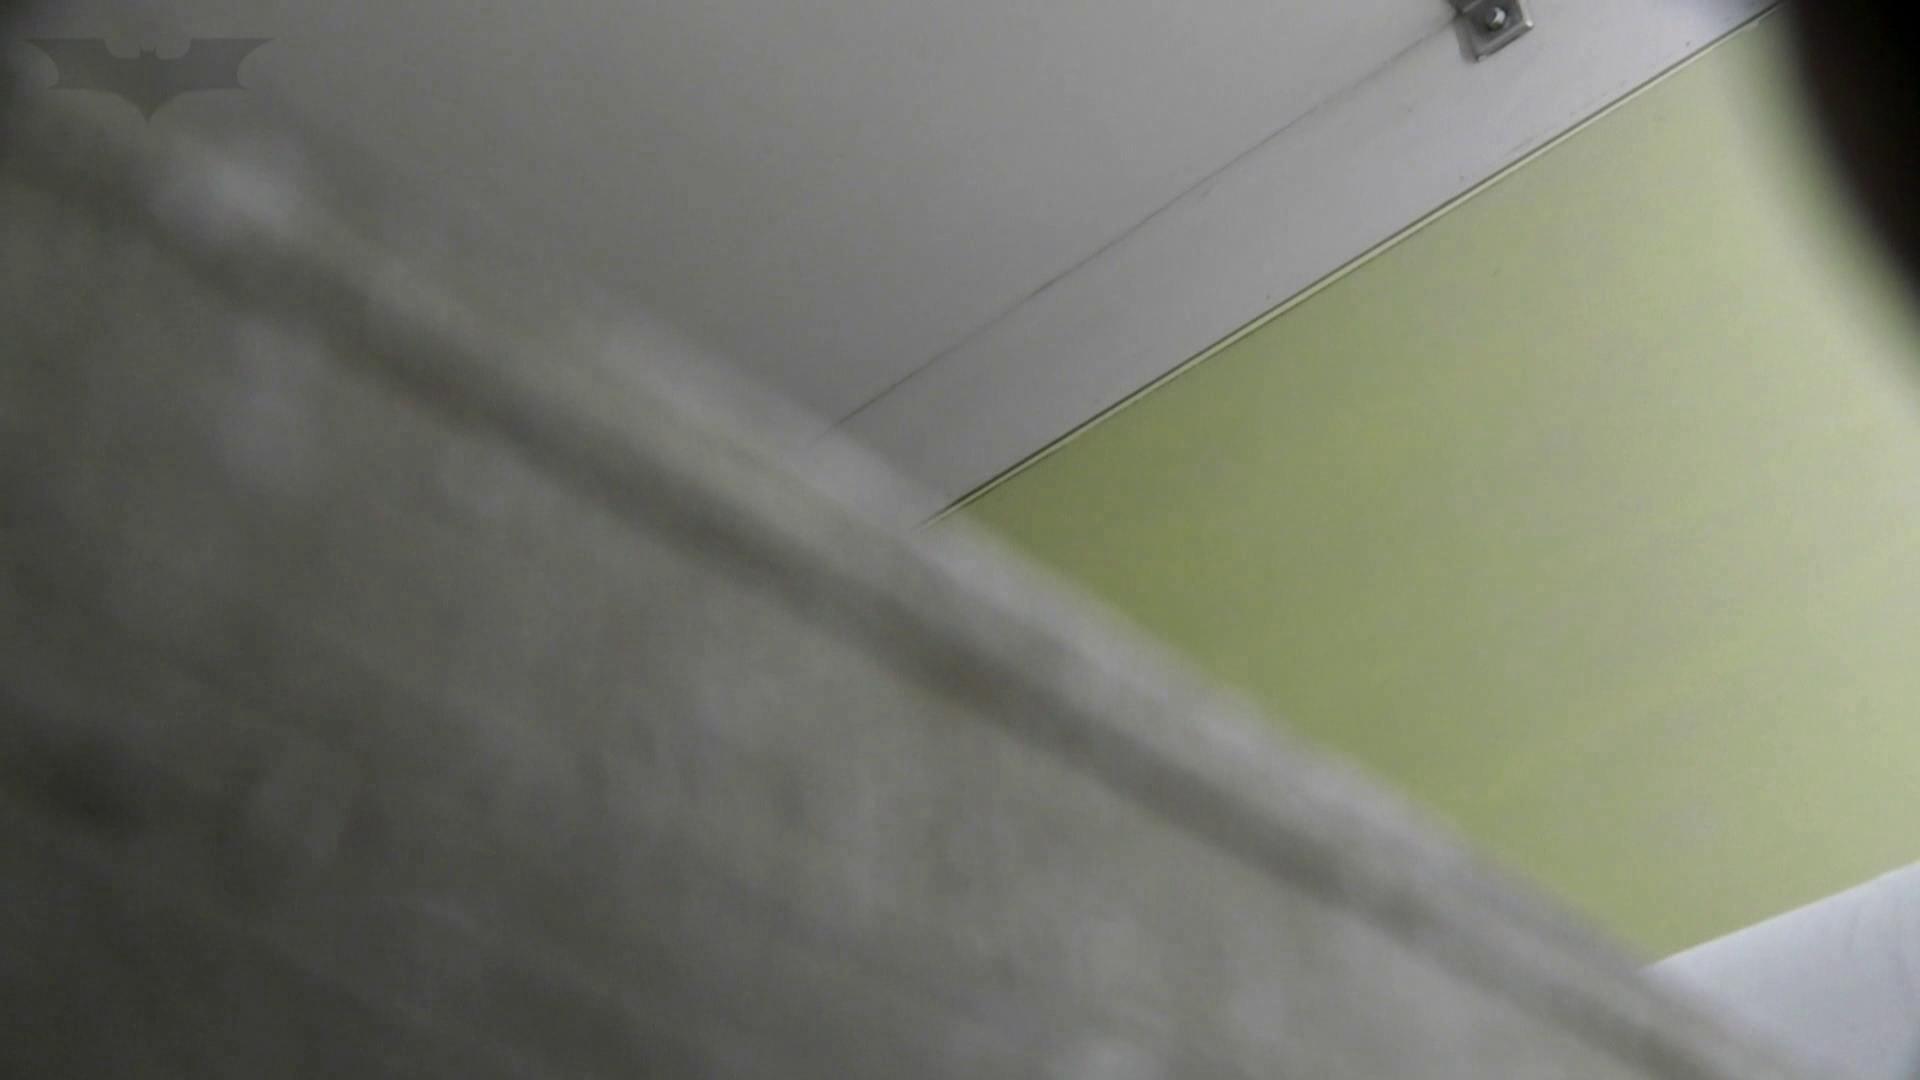 洗面所特攻隊 vol.74 last 2総勢16名激撮【2015・29位】 洗面所 AV無料動画キャプチャ 69画像 34